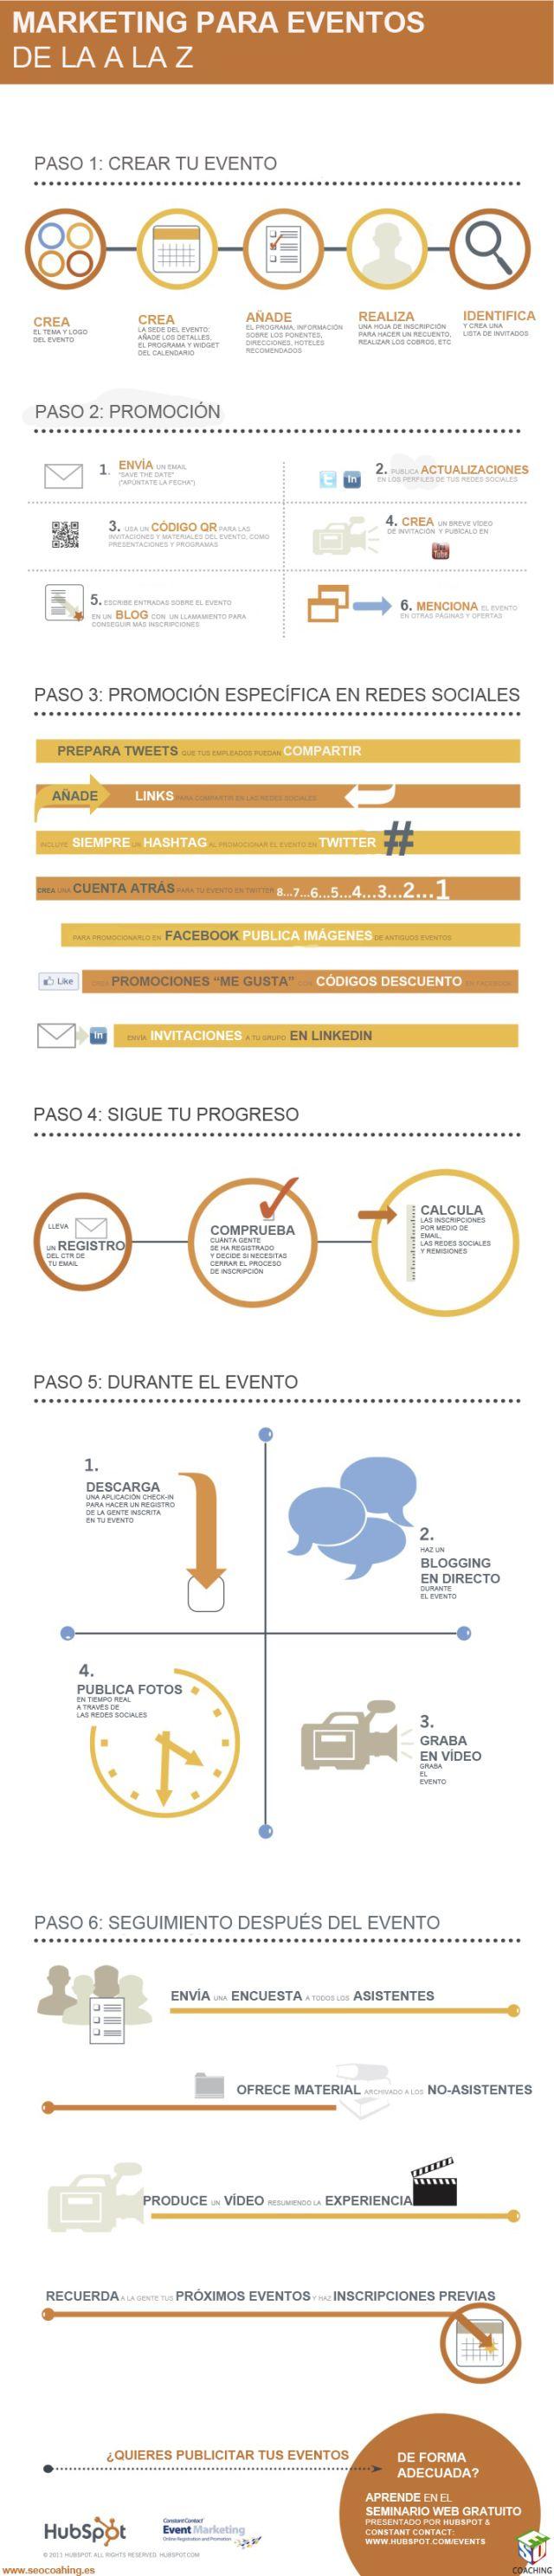 Marketing para eventos de la A a la Z #nfografia #infographic #marketing